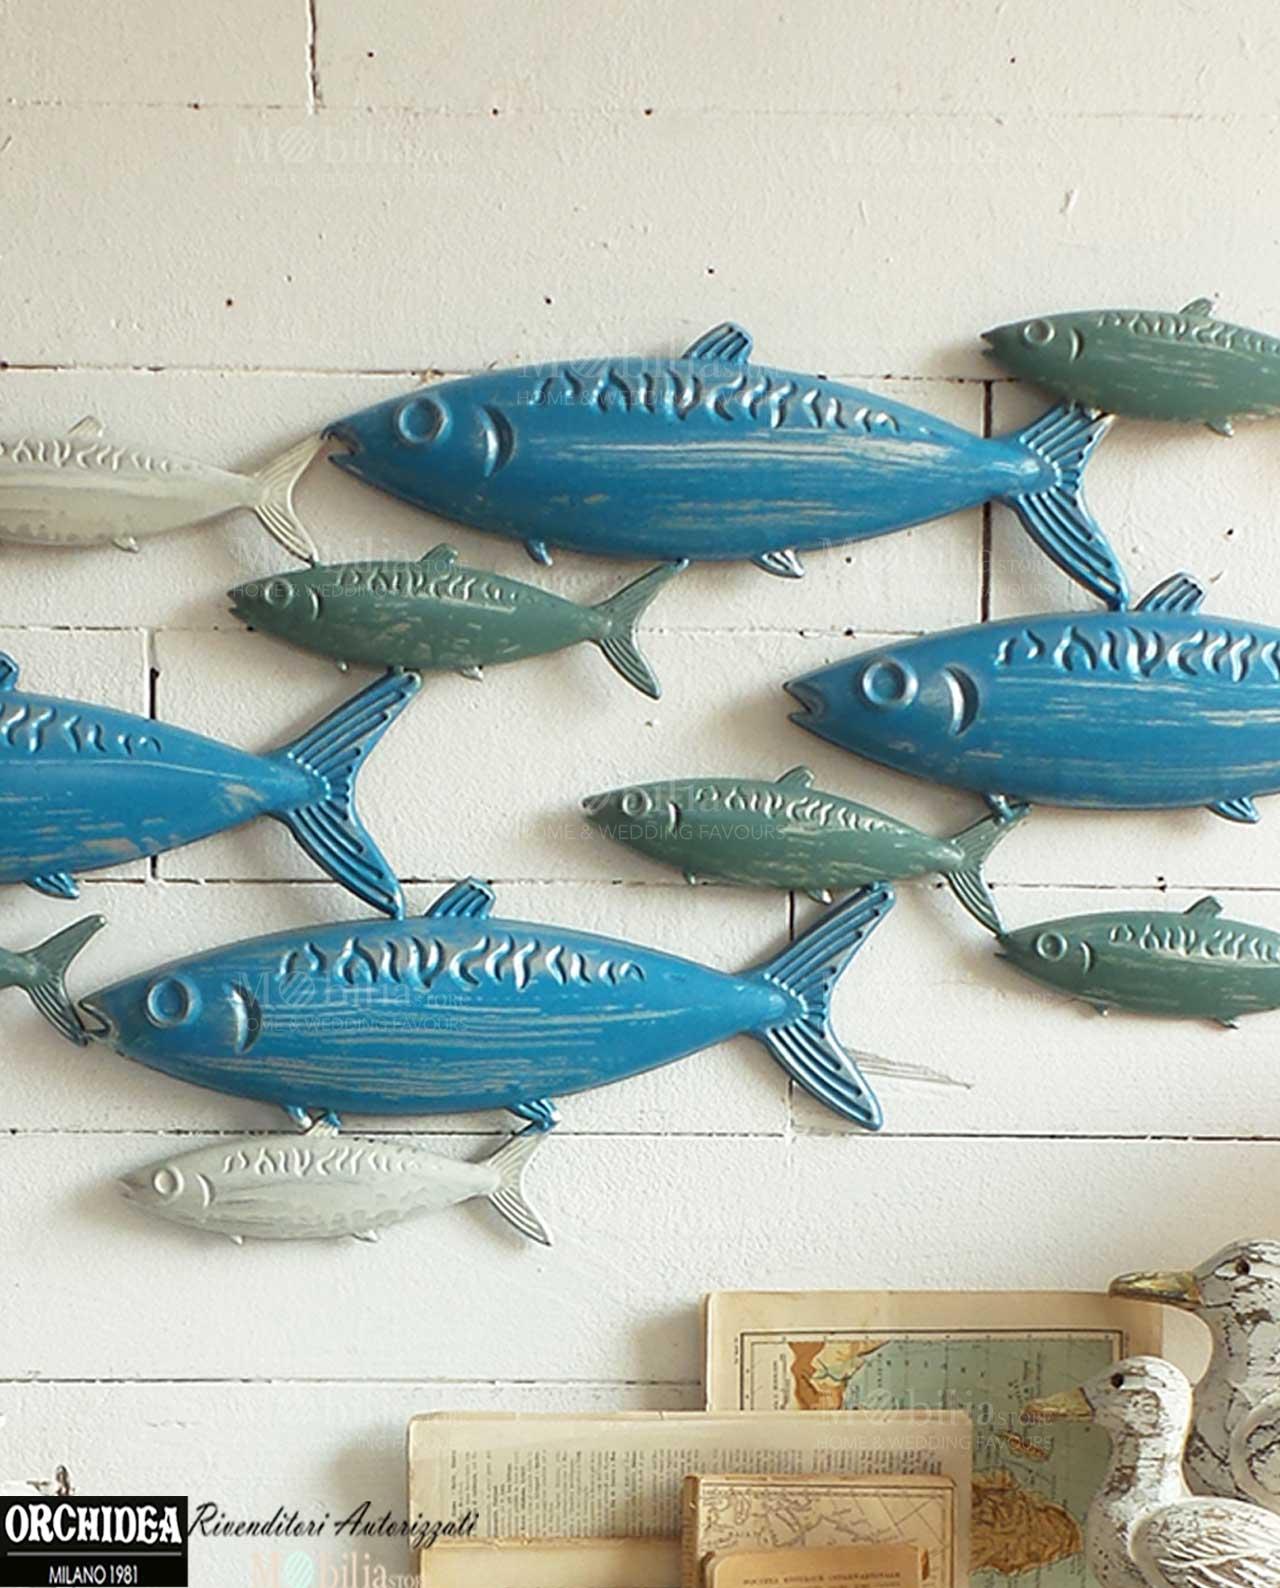 Pannelli parete decorativi con pesci mobilia store home for Pannelli da parete decorativi